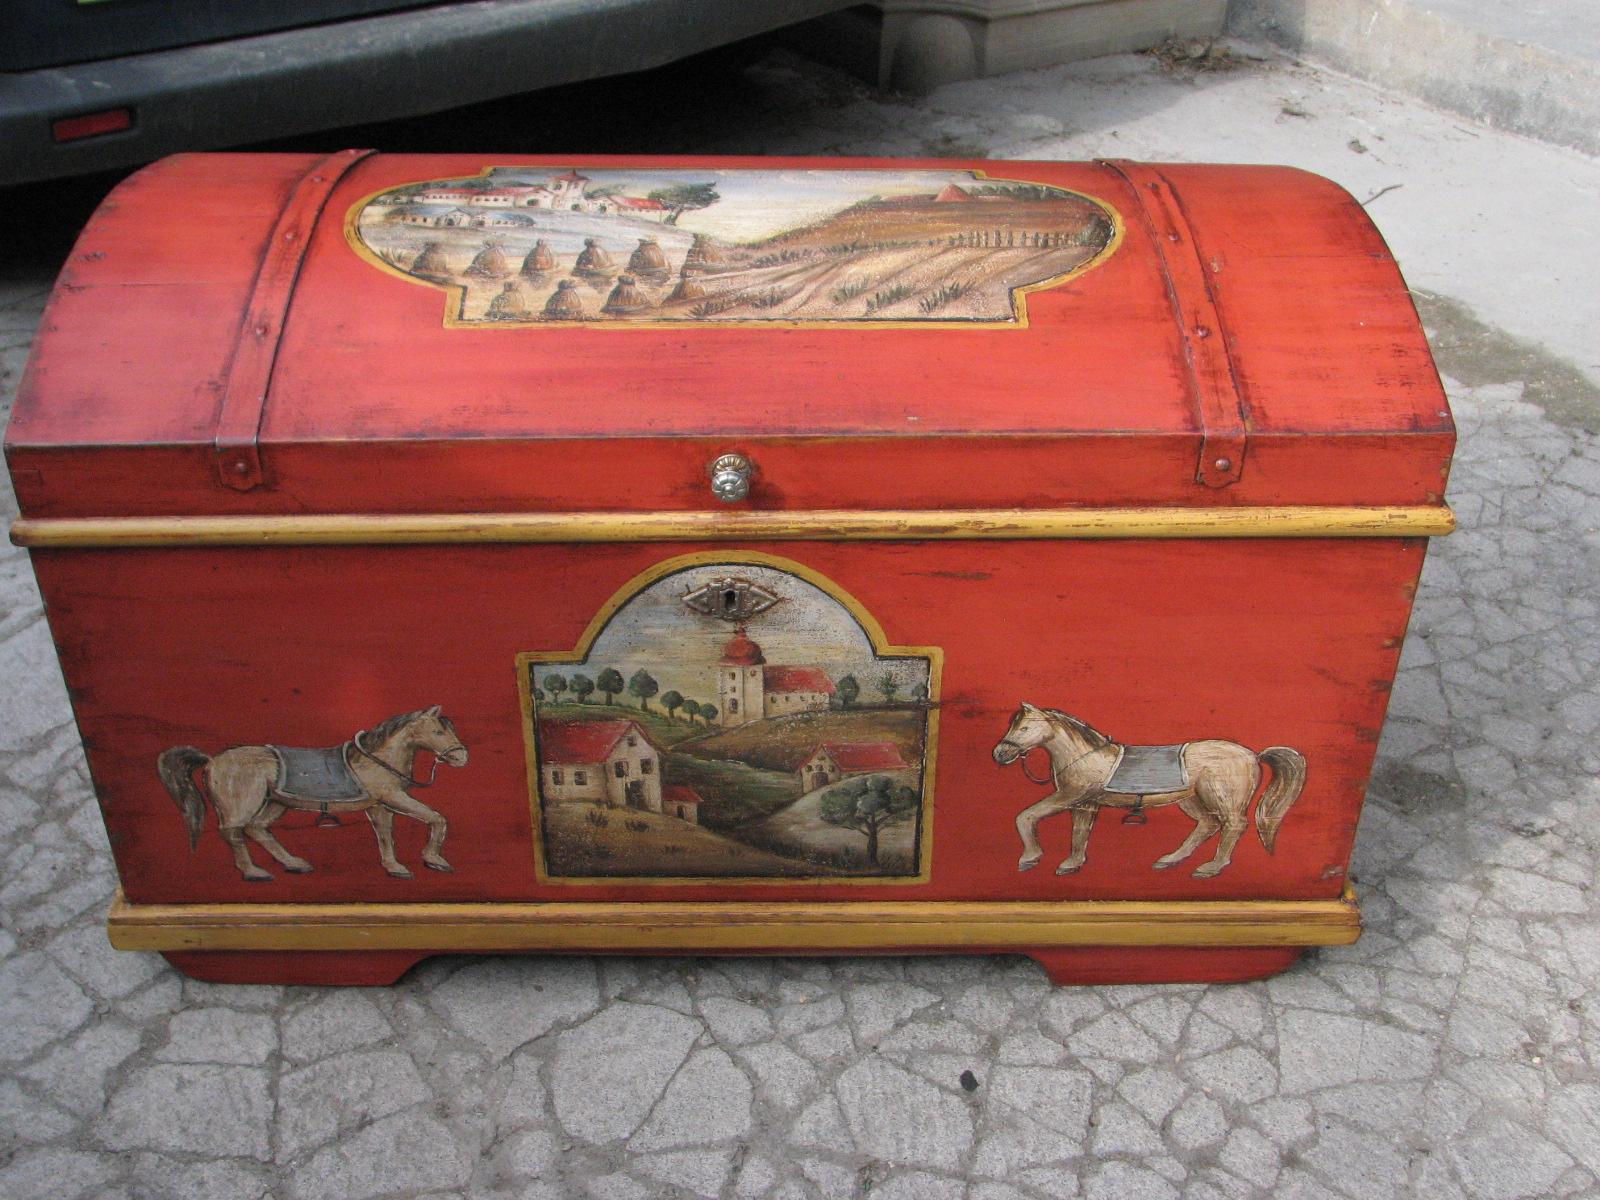 Selská malovaná truhla červená s malbou krajiny a koníků